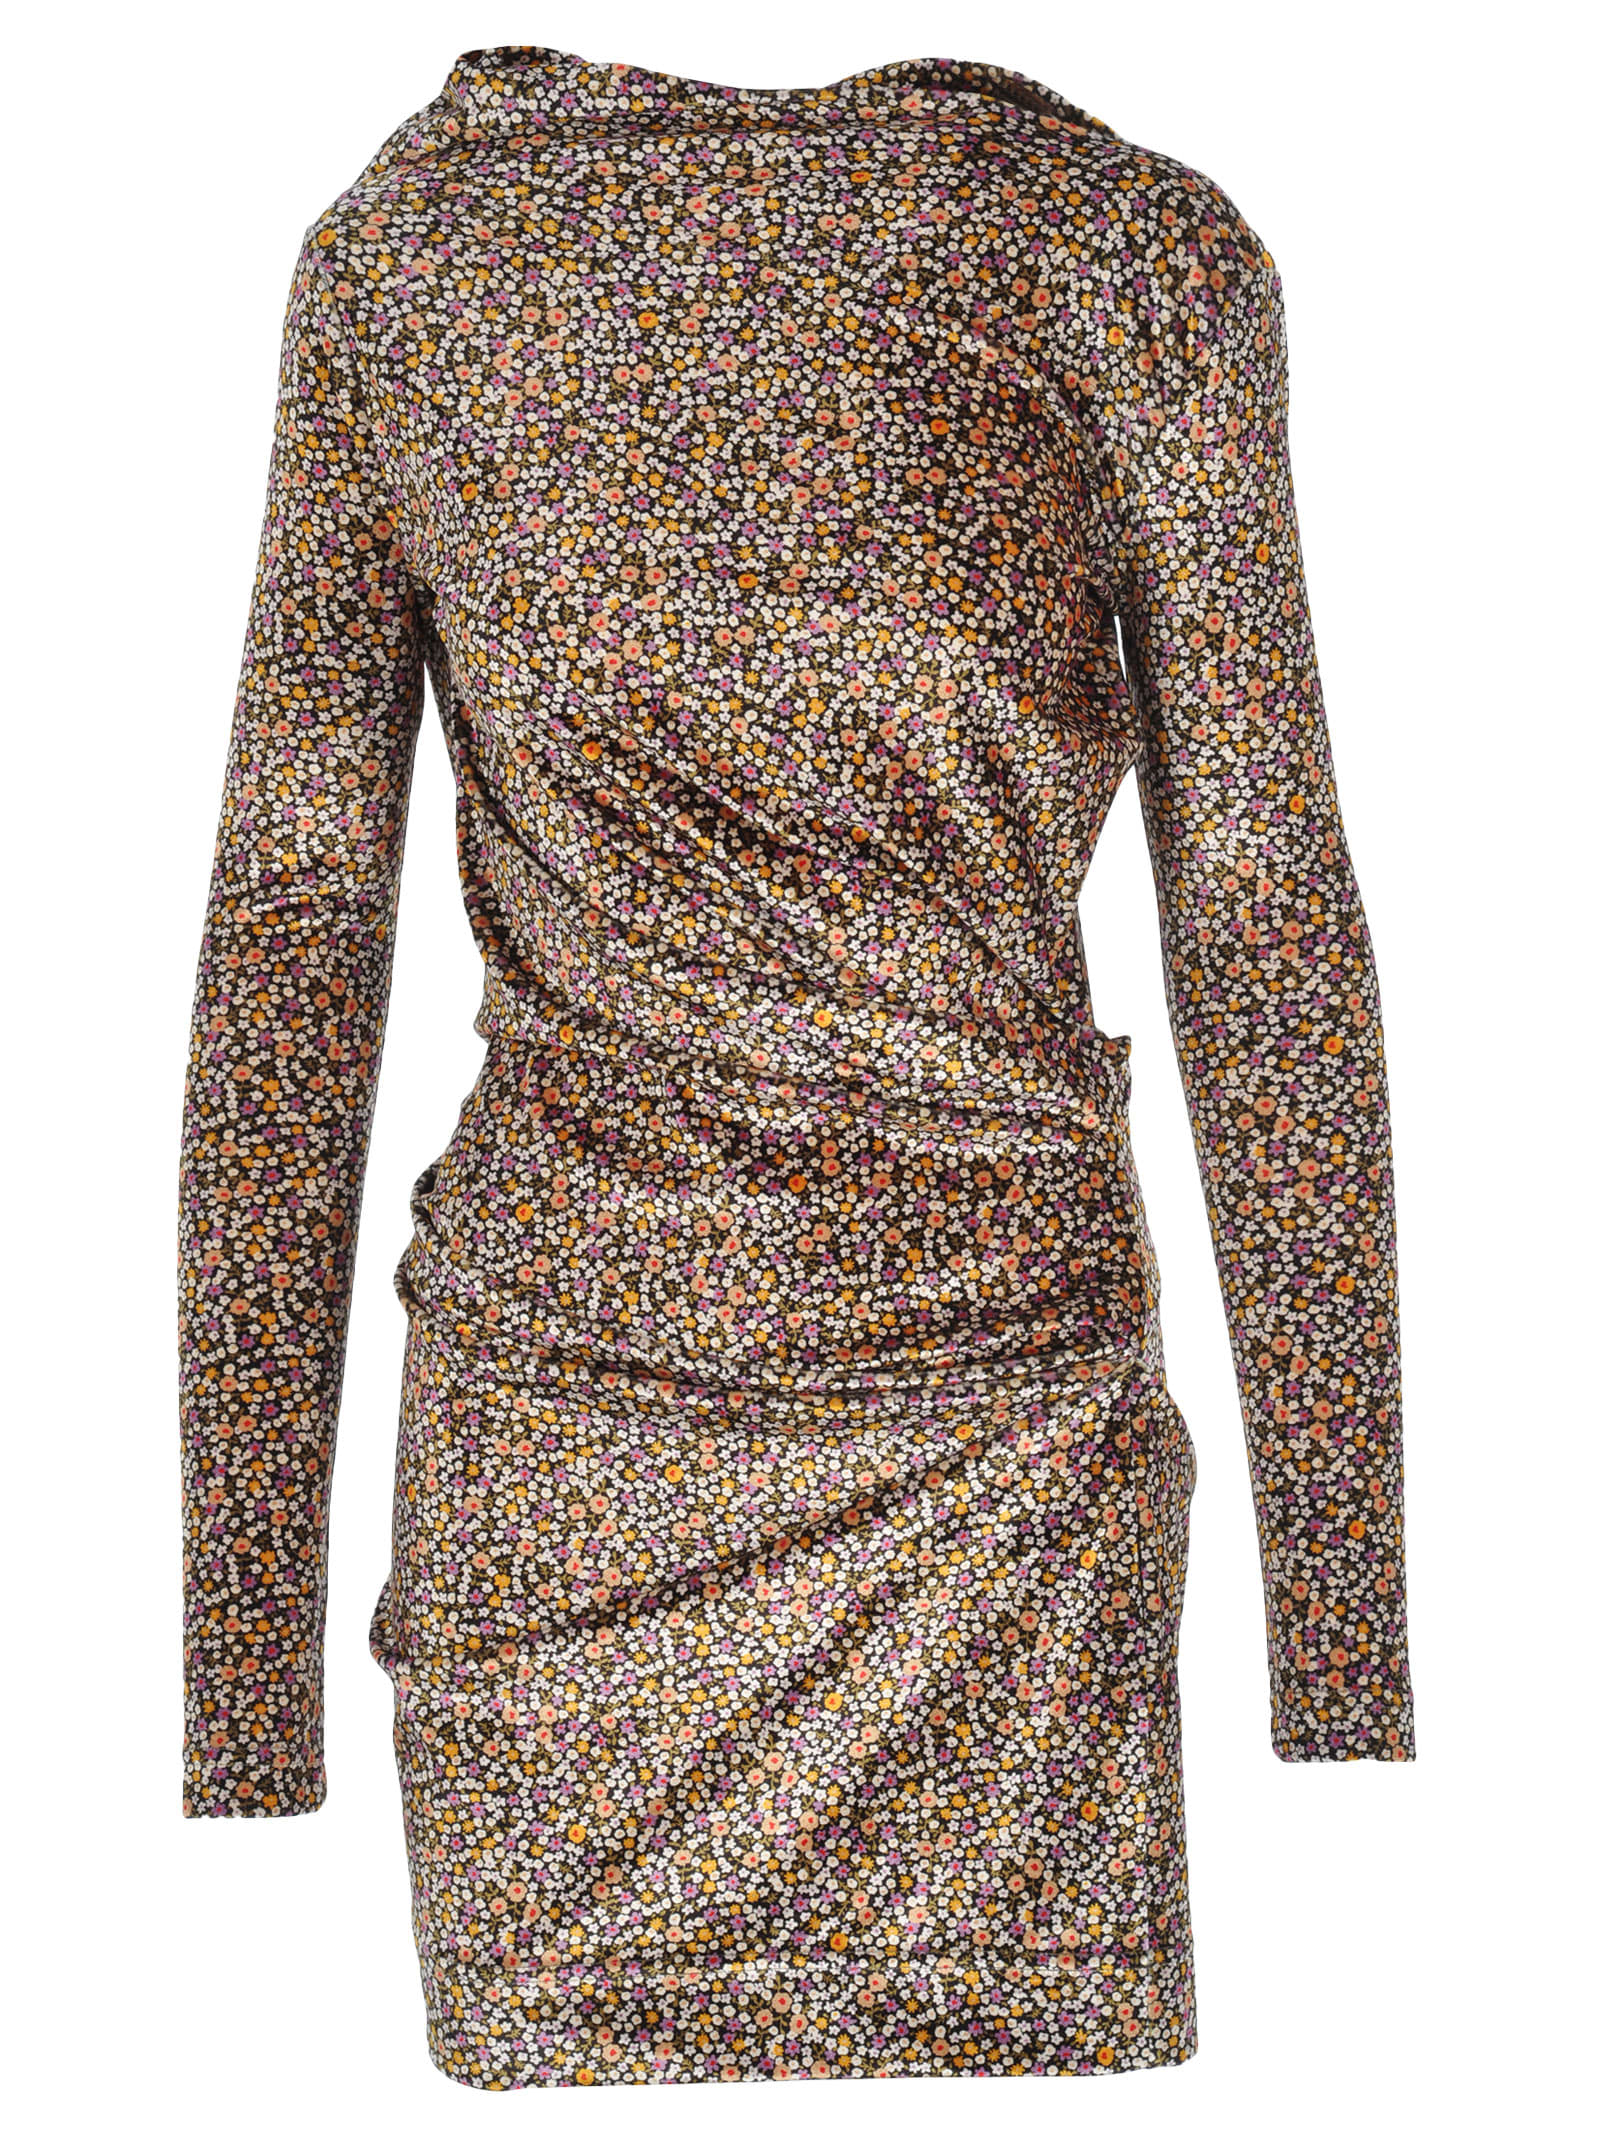 Anglomania Mini Taxa Dress